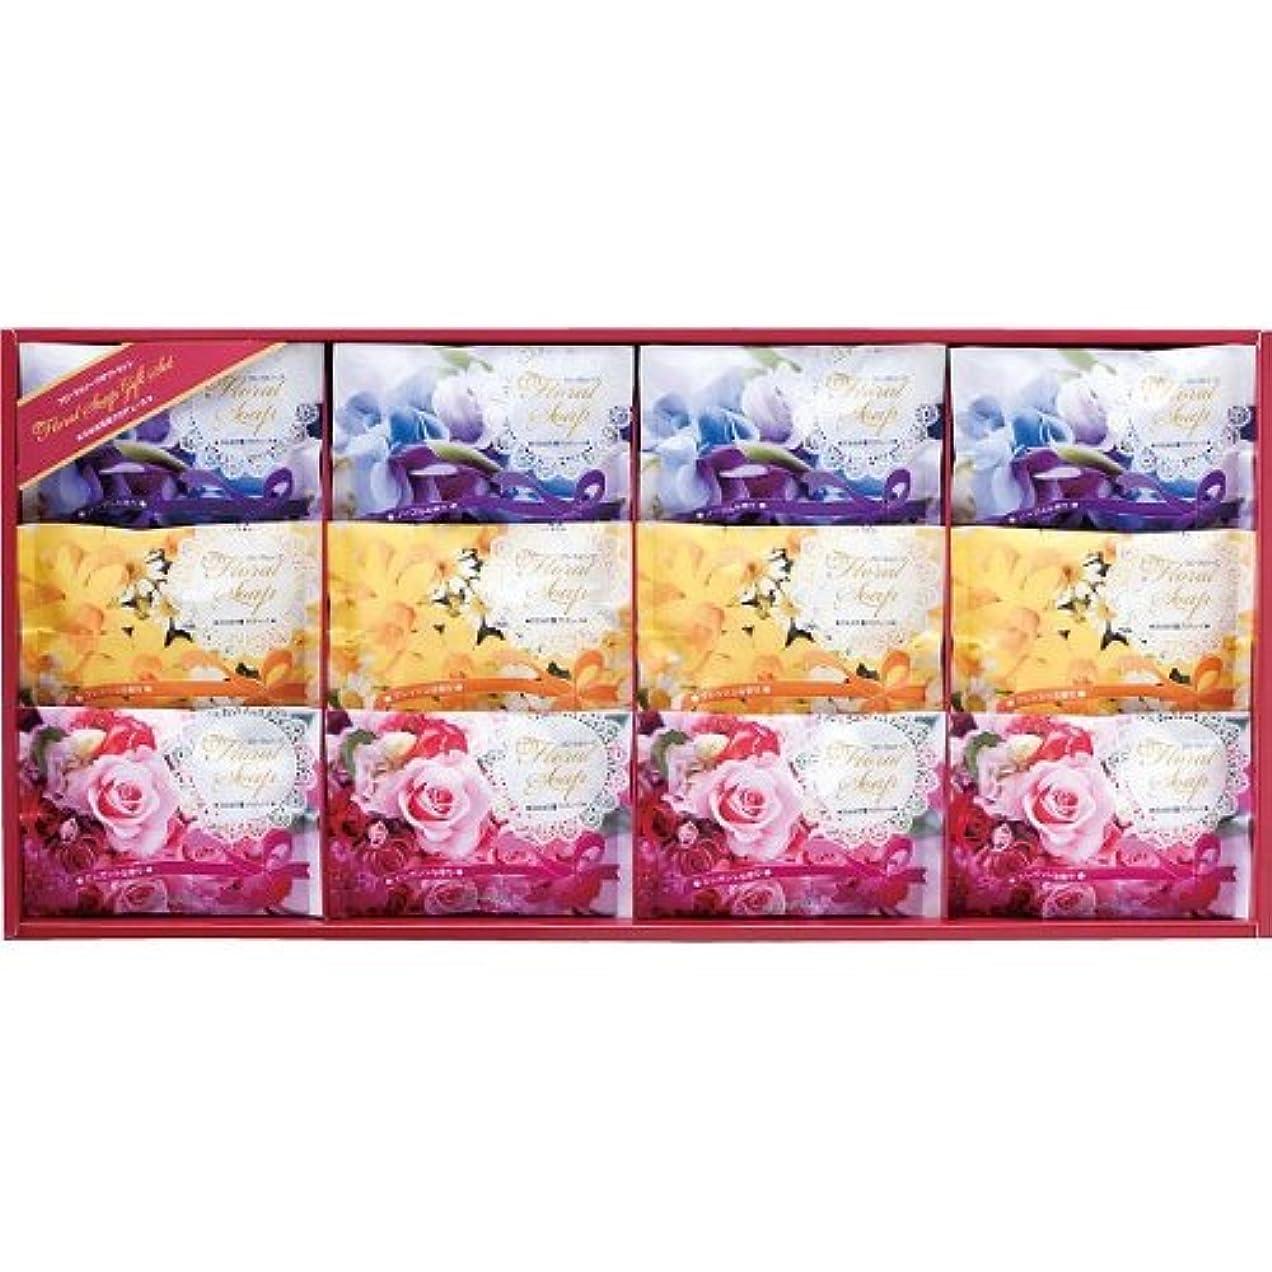 精神人気のブラウンフローラルソープセット 日比谷花壇プロデュース HFS-20